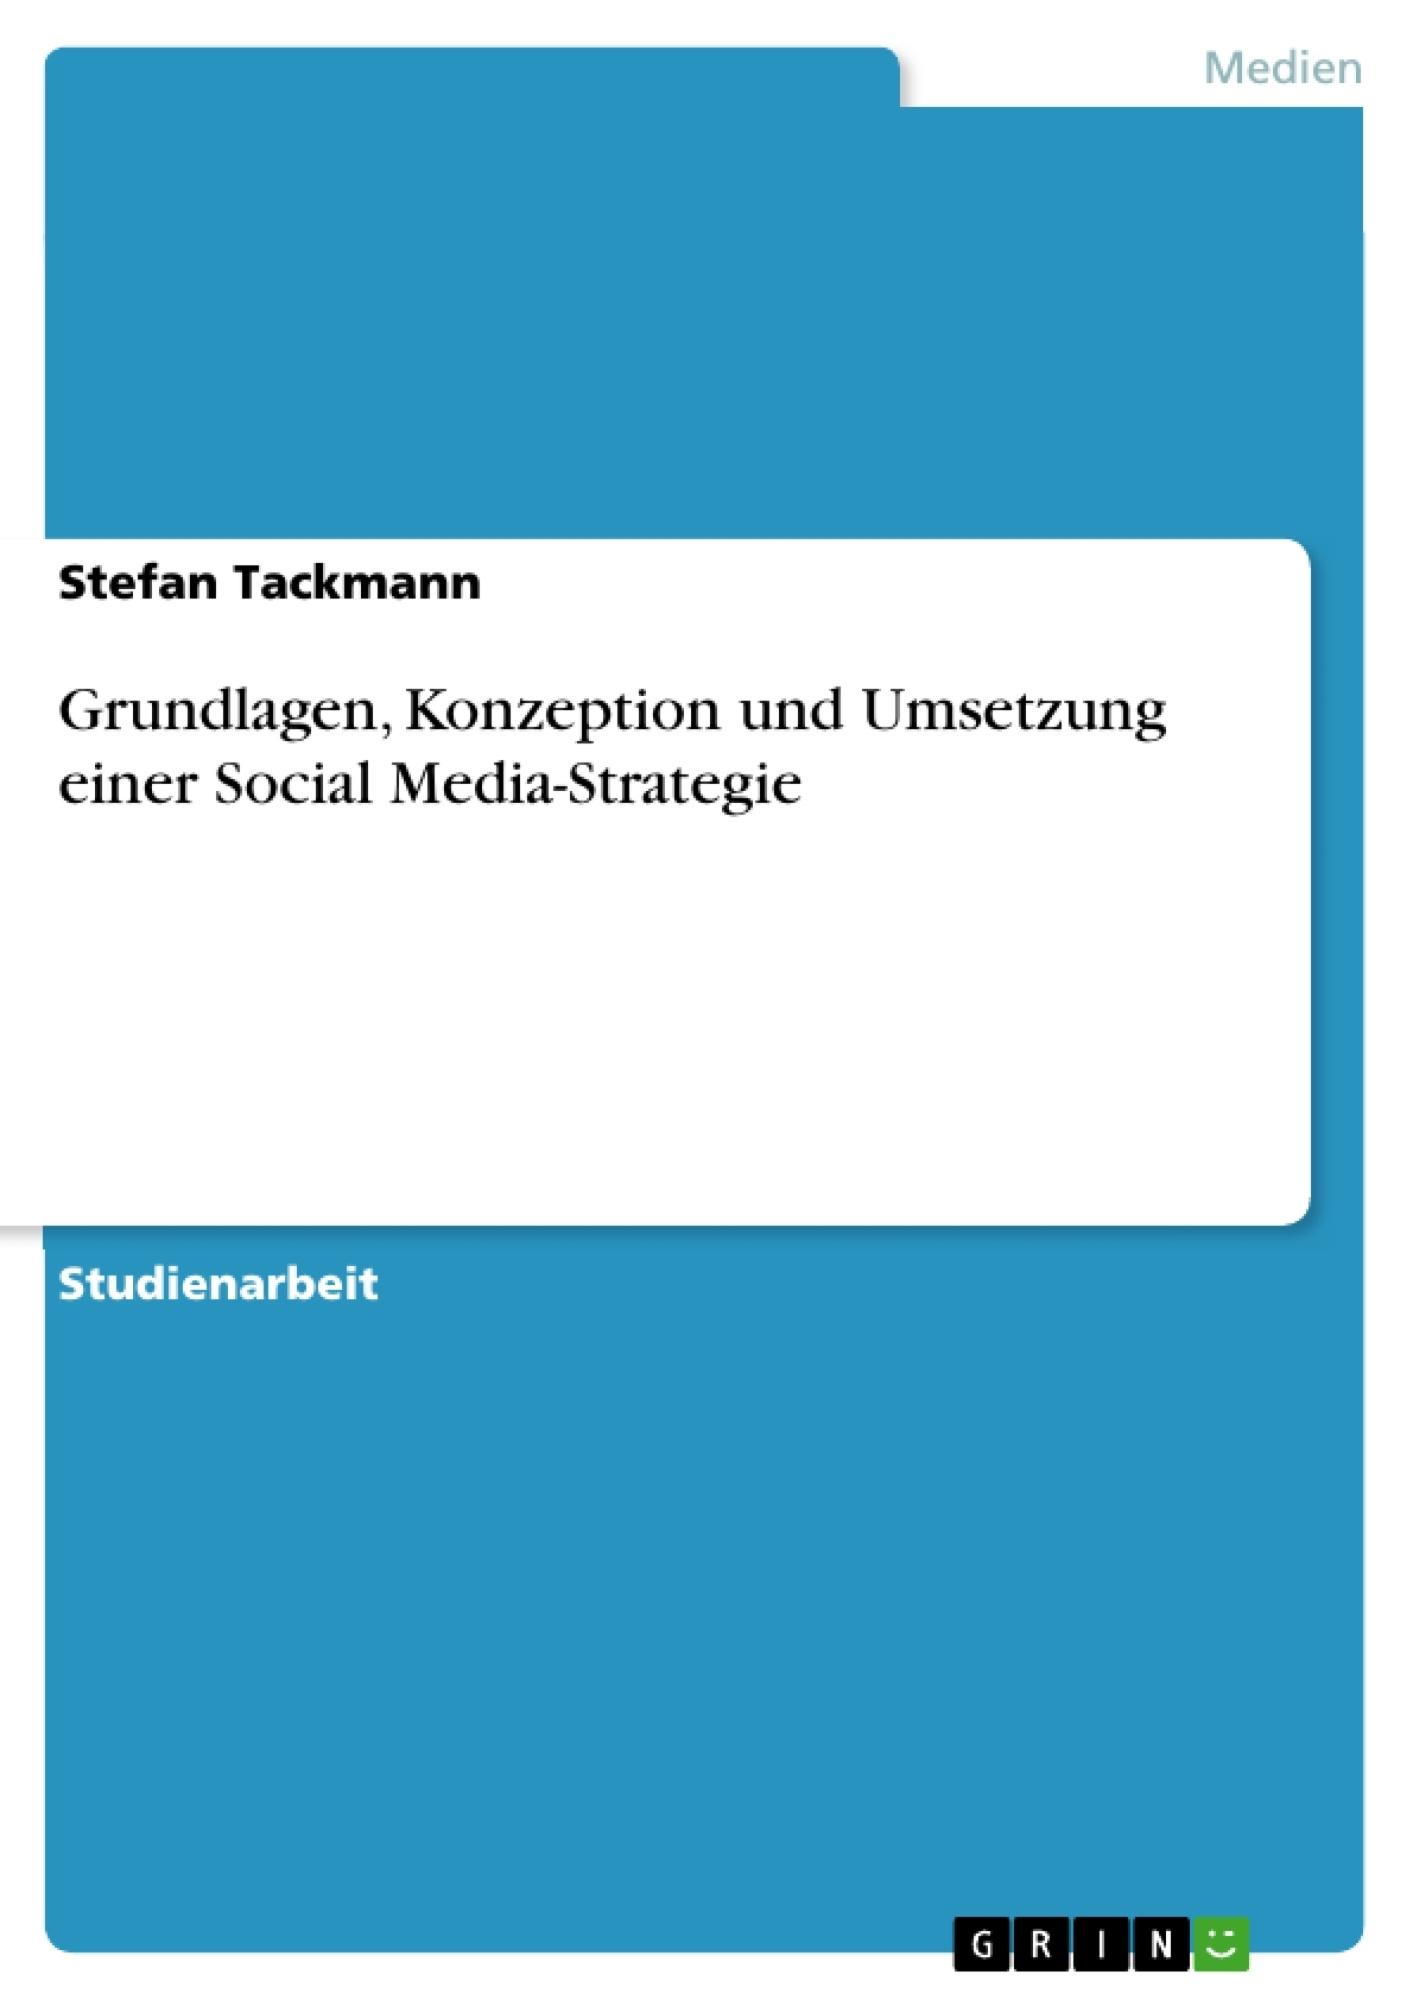 Titel: Grundlagen, Konzeption und Umsetzung einer Social Media-Strategie